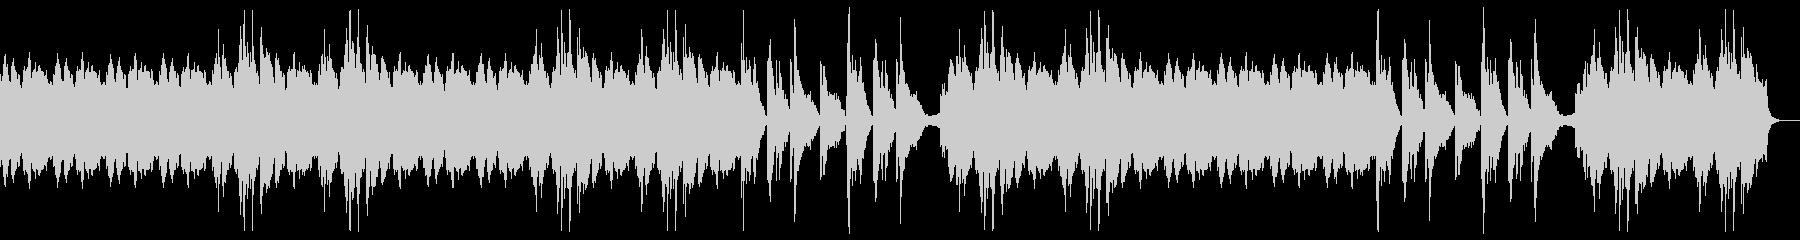 (ドラム抜)ゆったりとした曲、ほのぼの系の未再生の波形